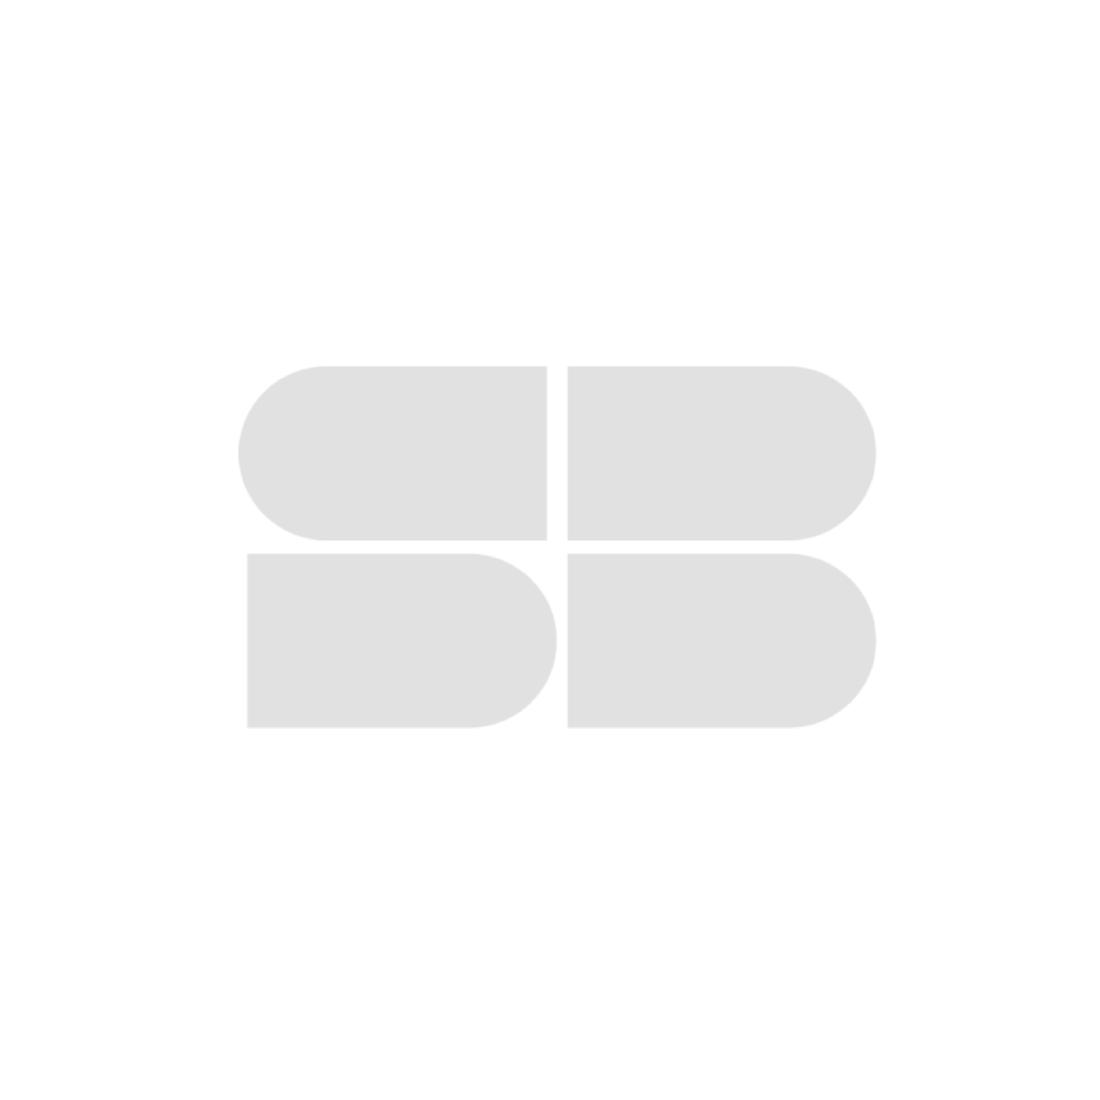 19180715-gadinia-furniture-sofa-recliner-corner-sofas-01